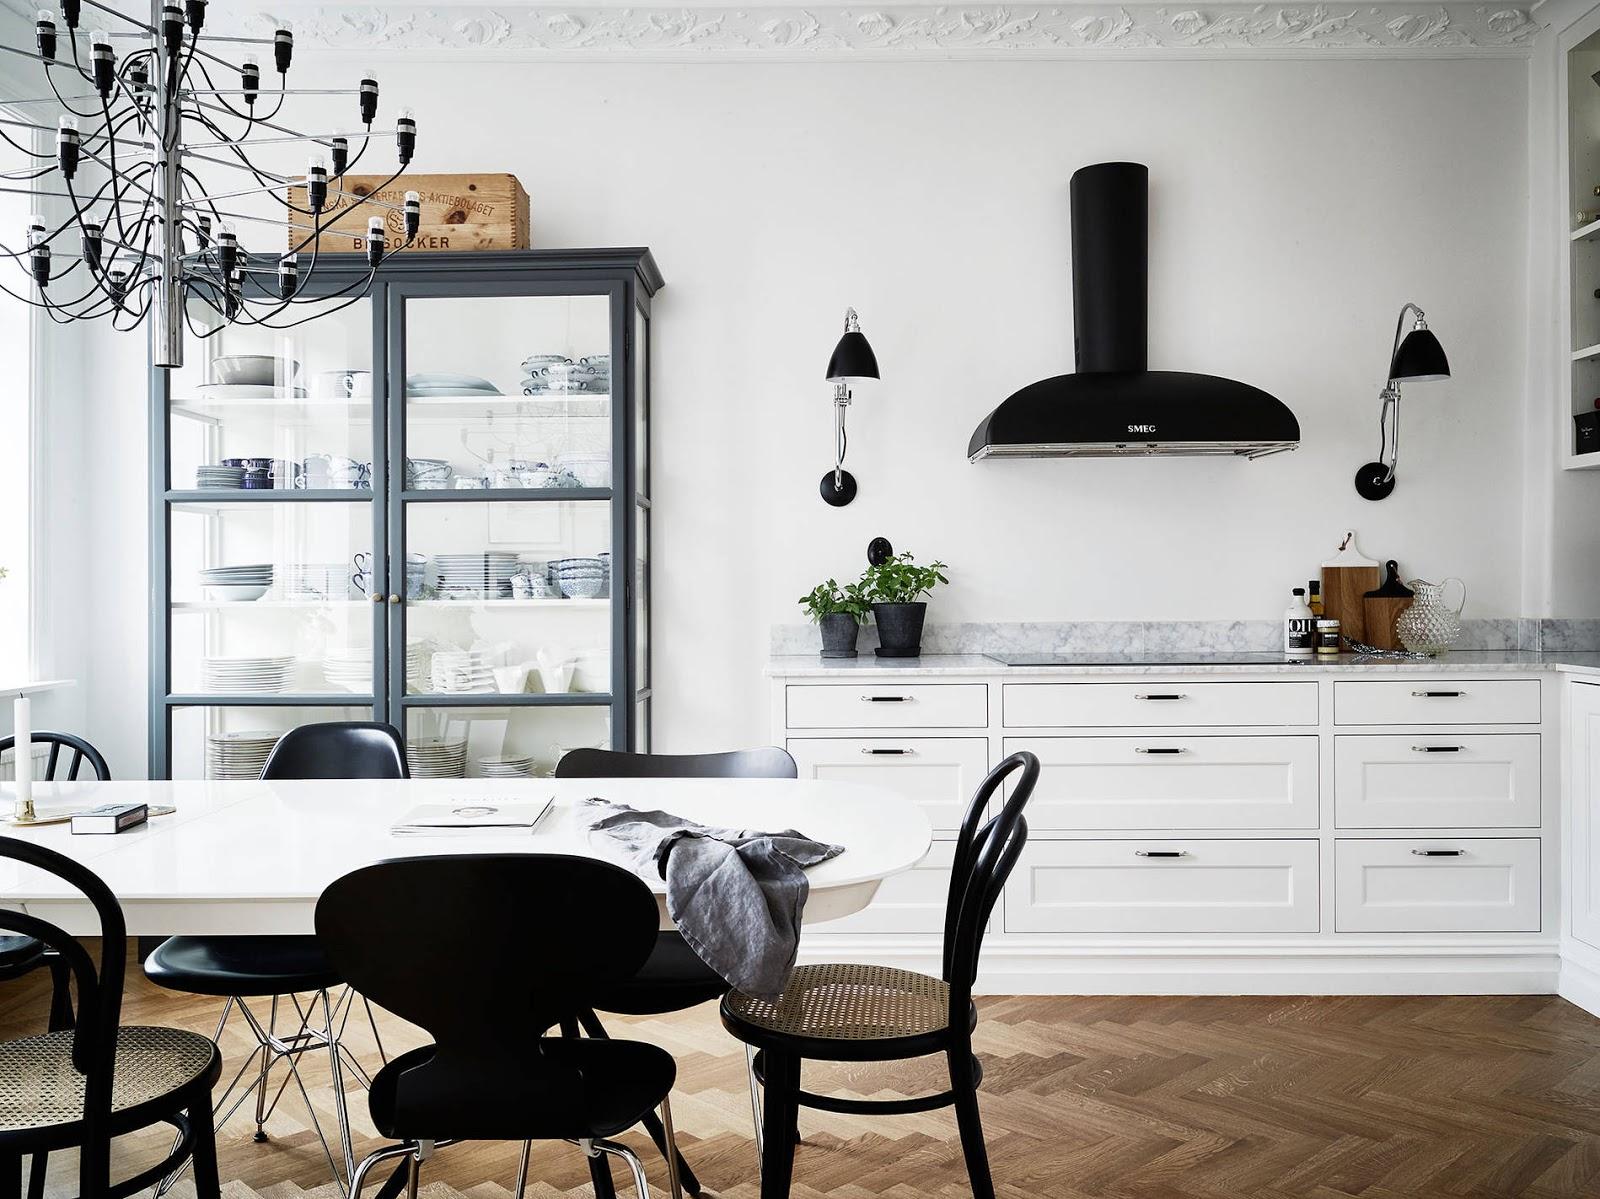 Cucina Soffitti Alti : Alti soffitti e cucina classica per questo appartamento a